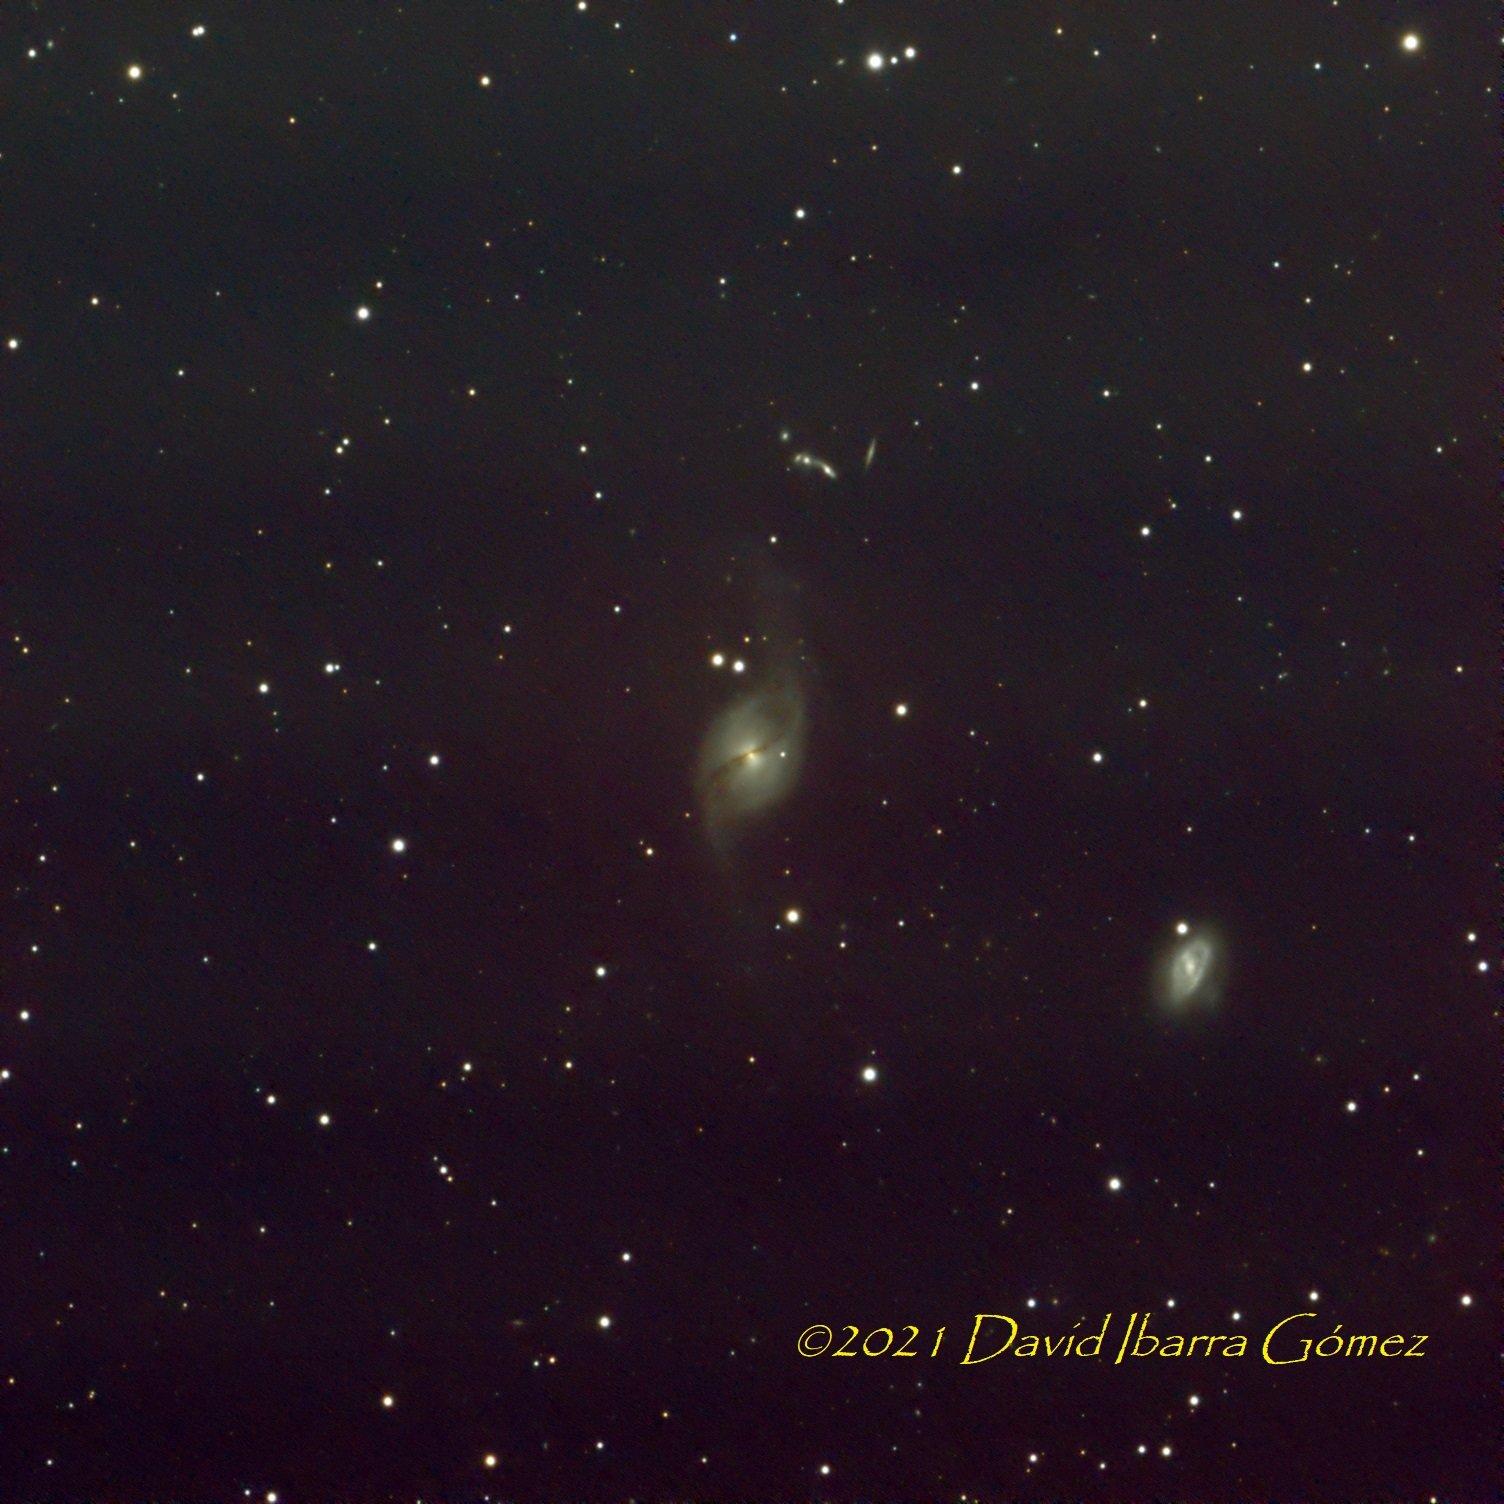 NGC 3718 - David Ibarra